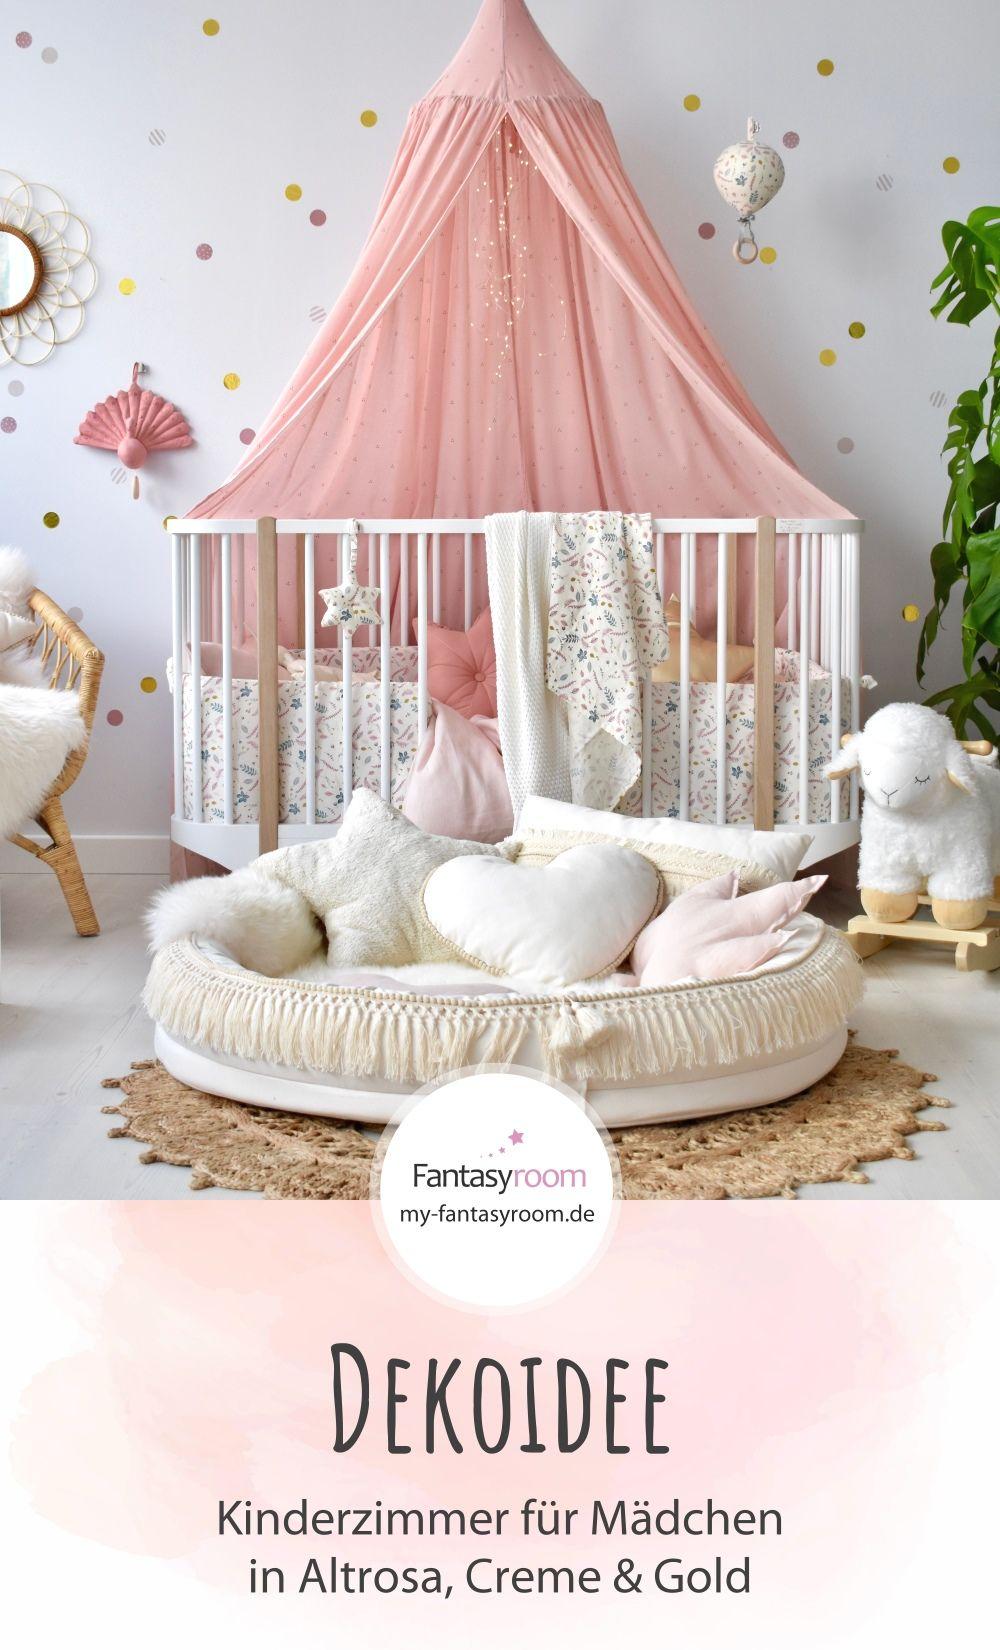 Babyzimmer In Altrosa Creme Bei Fantasyroom Online Kaufen Wandfarbe Kinderzimmer Zimmer Madchenzimmer